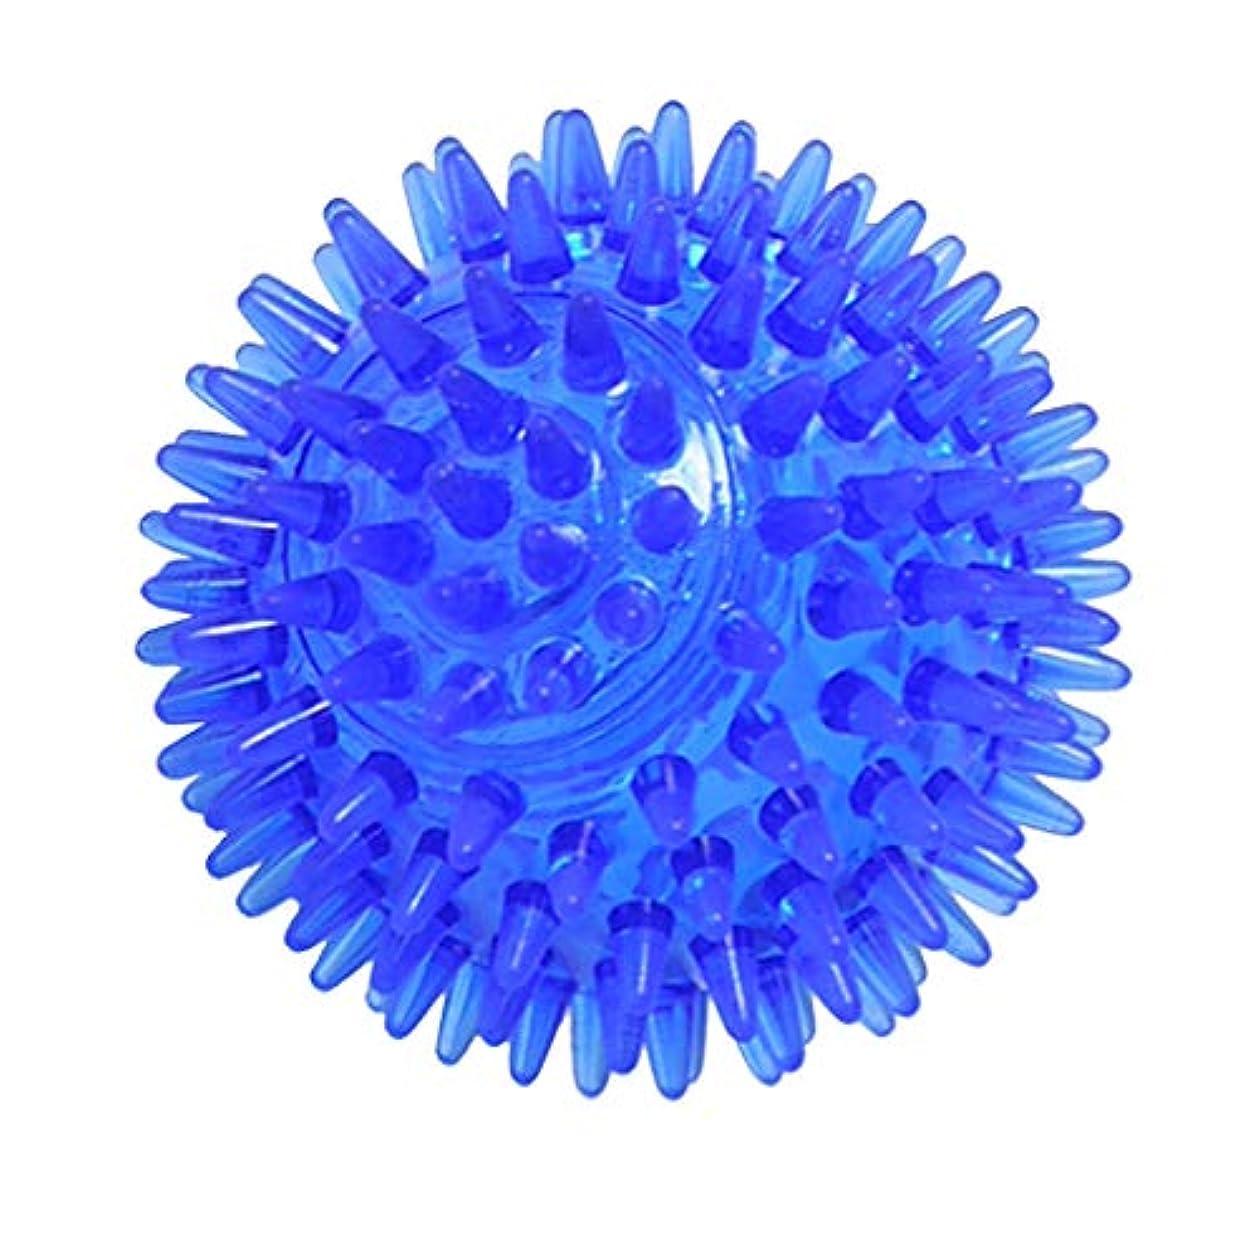 代理人マニフェスト多様性マッサージボール ヨガボール 3サイズ選べ - 青, 7cm